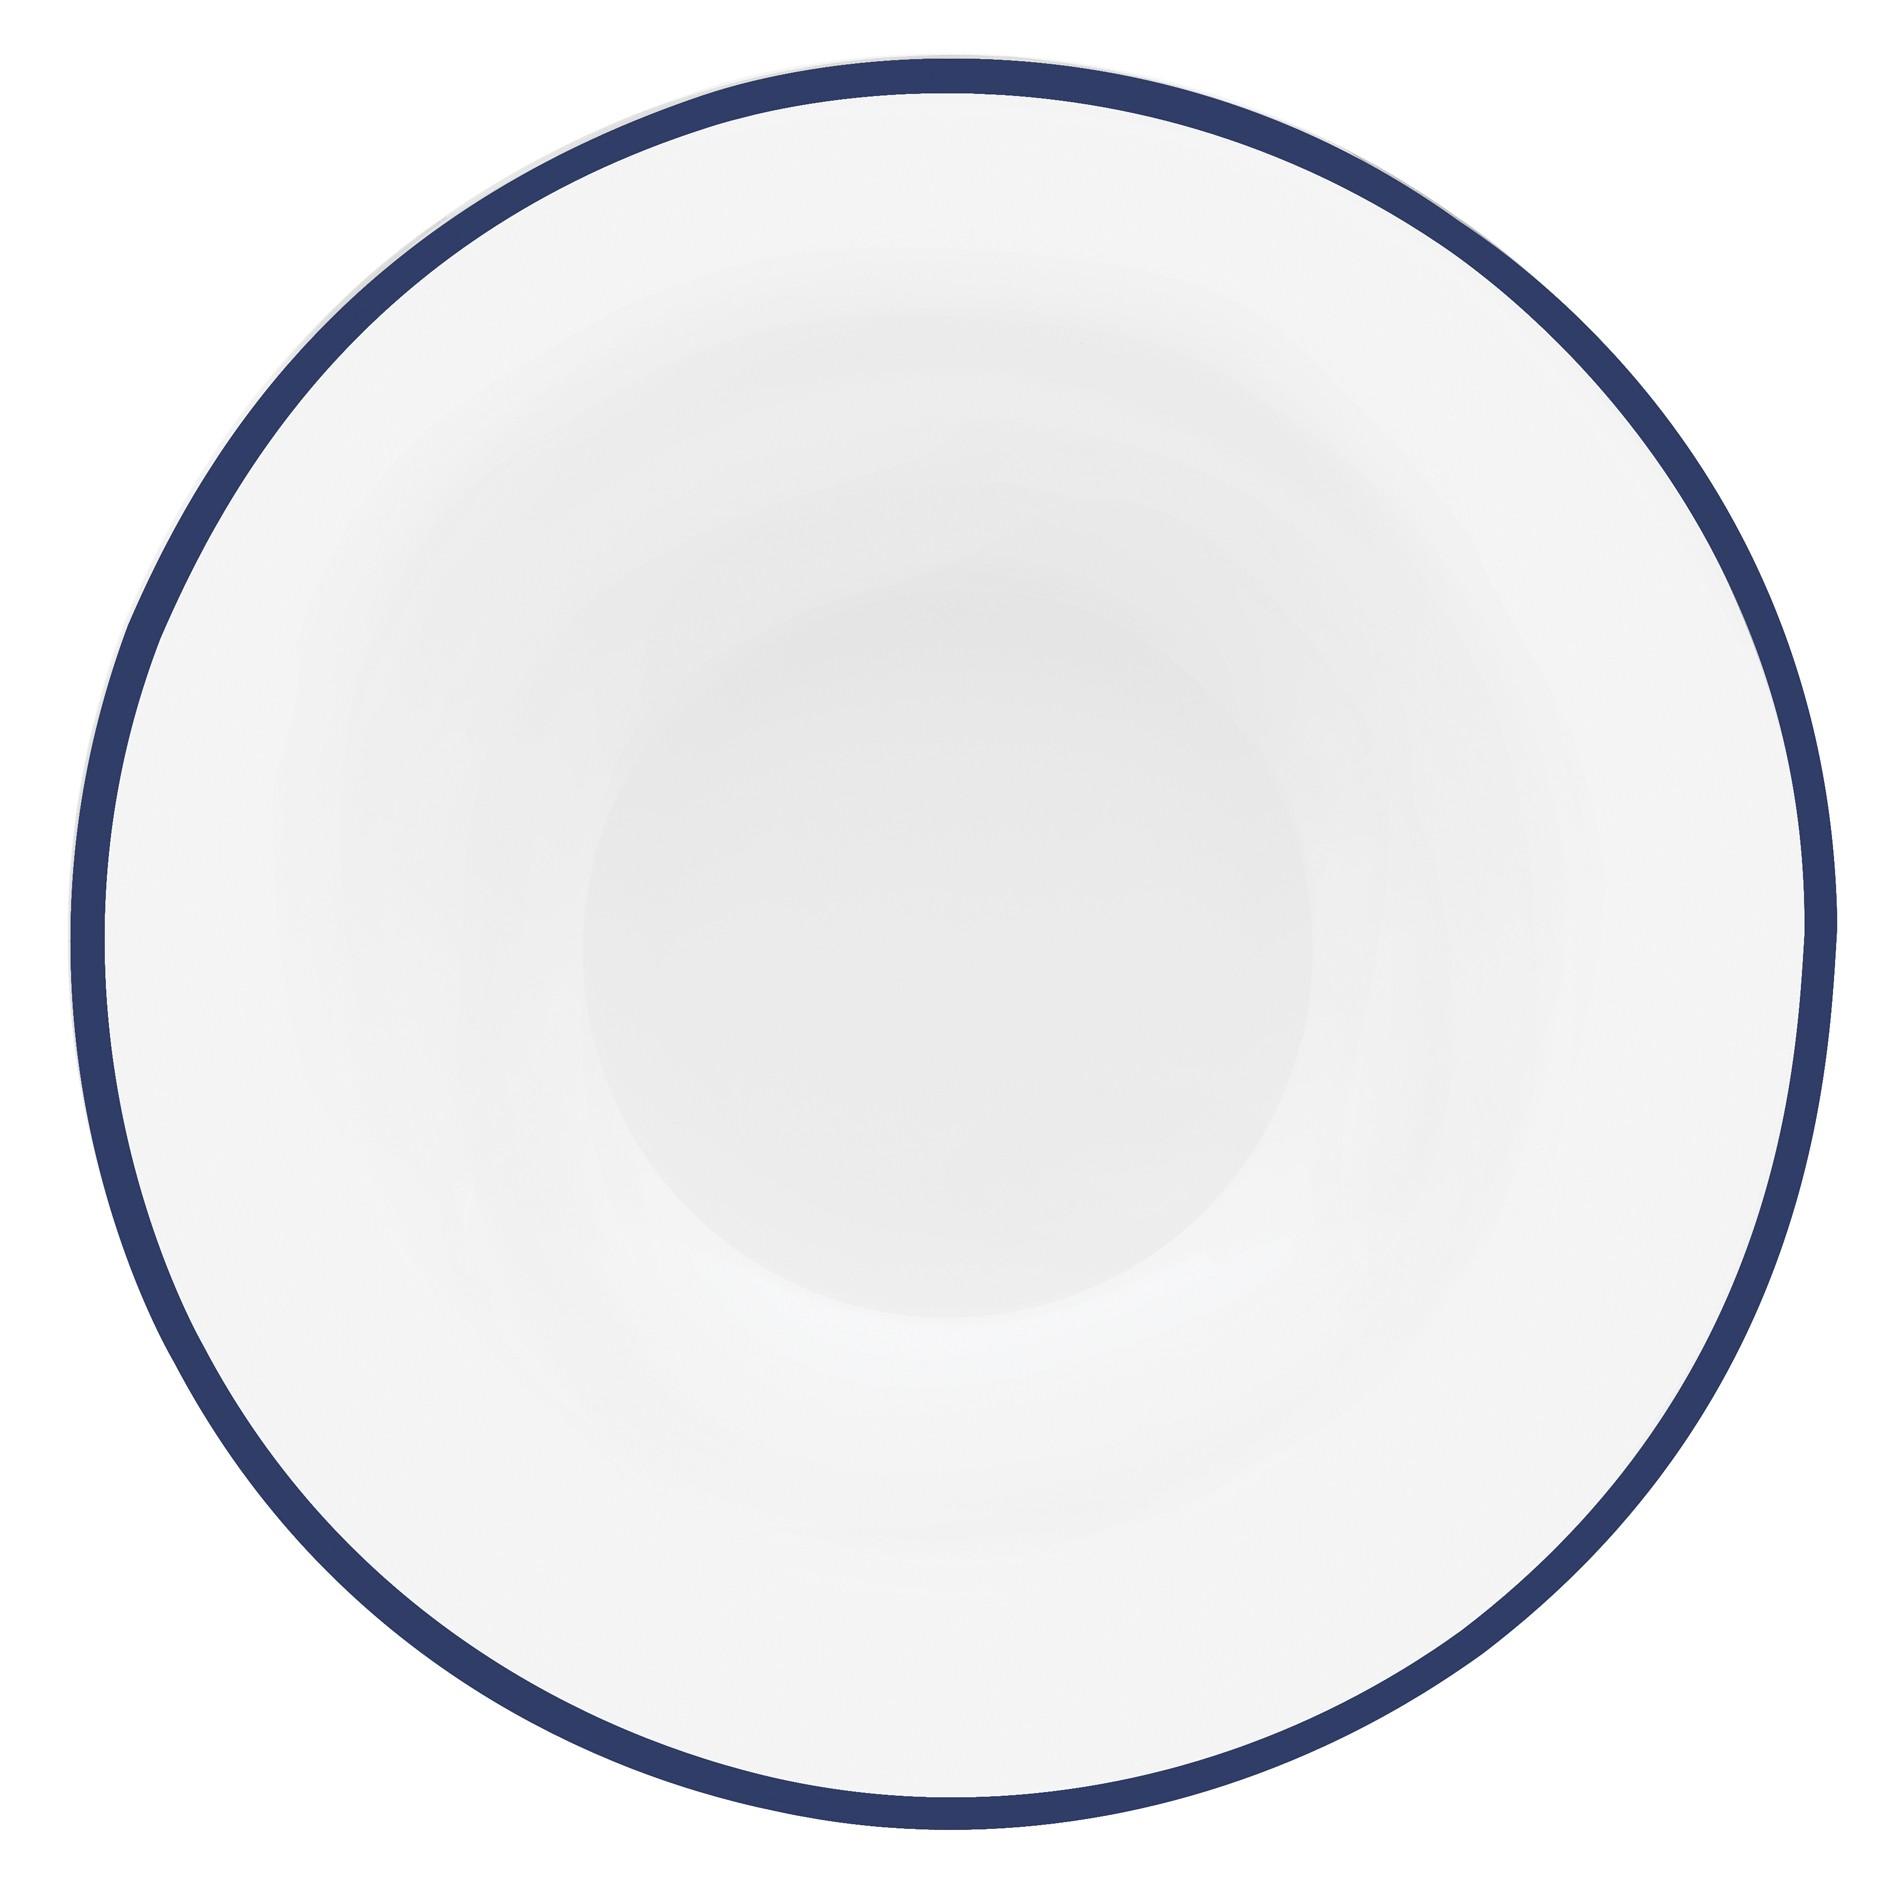 Πιάτο Ρηχό Σετ 6Τμχ Mediterraneo 27cm Ionia home   ειδη σερβιρισματος   πιάτα